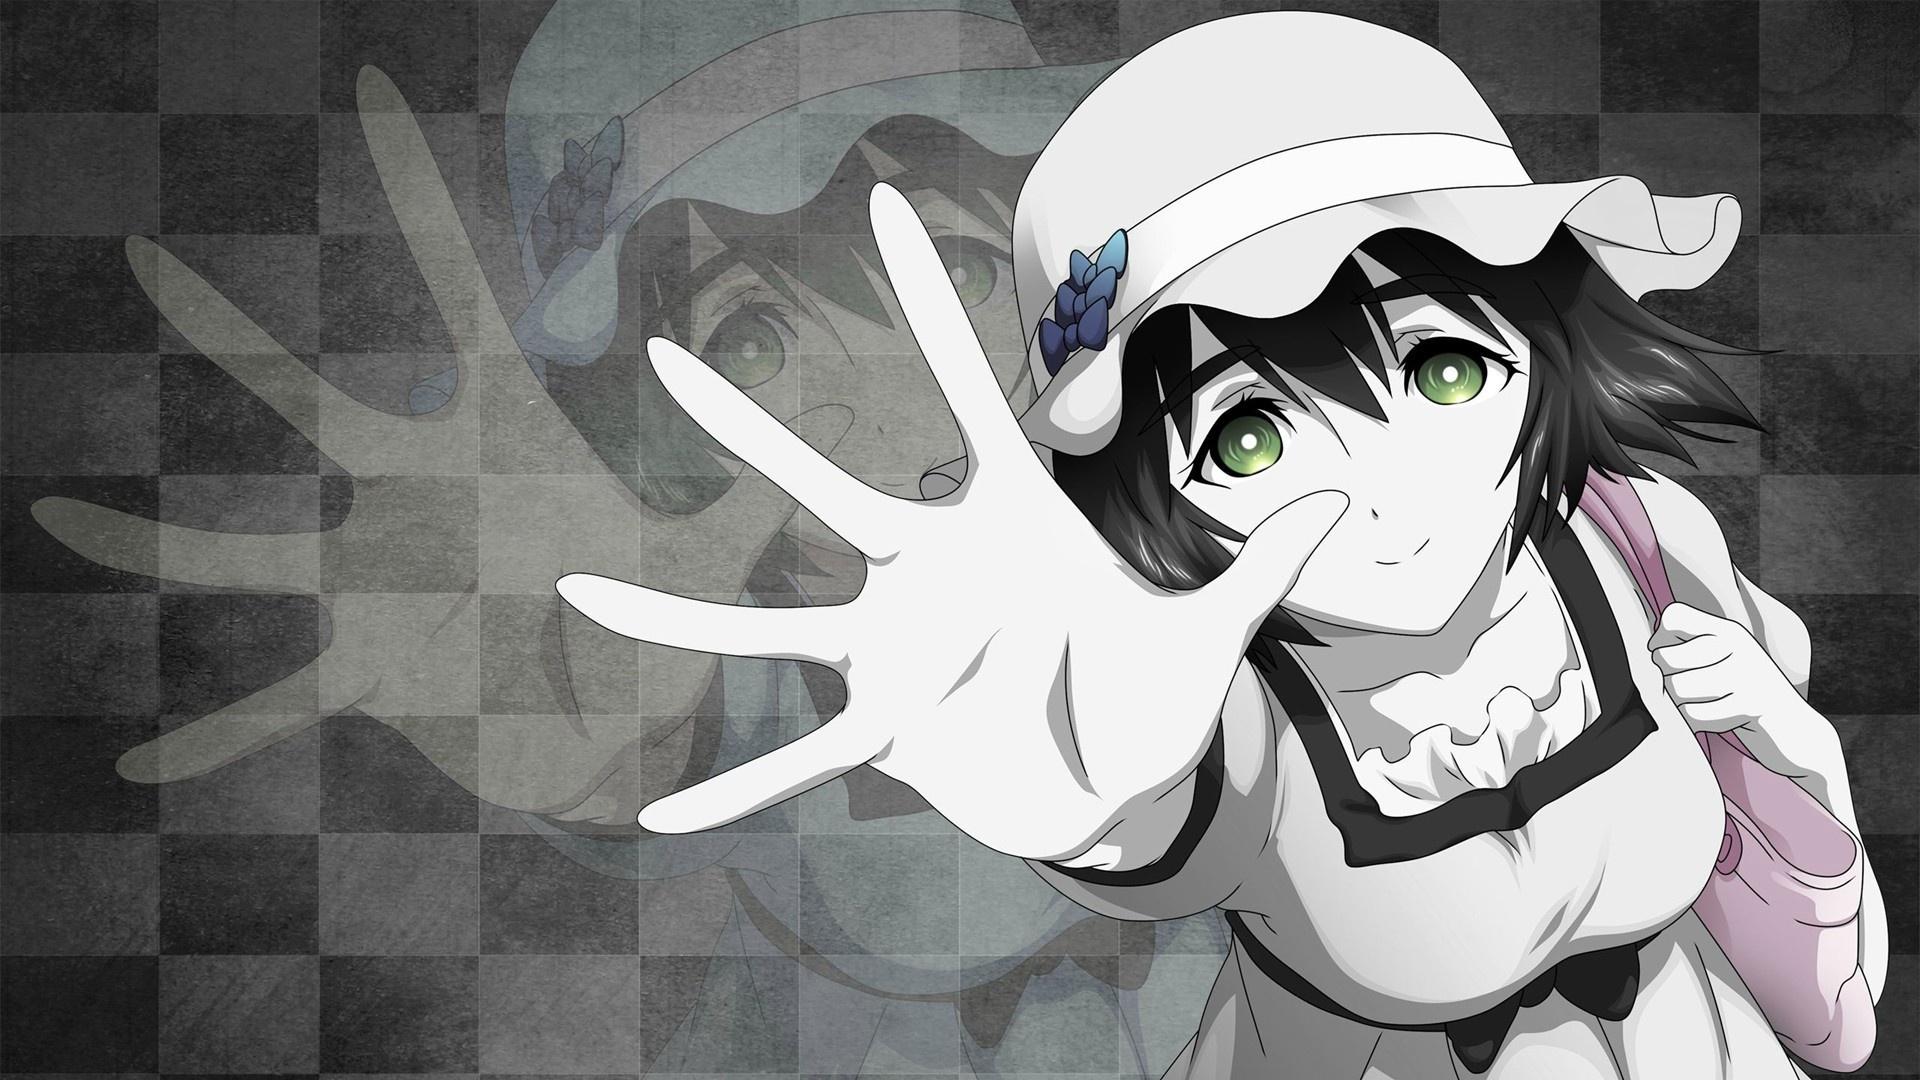 Anime Girl Smile 1080p wallpaper